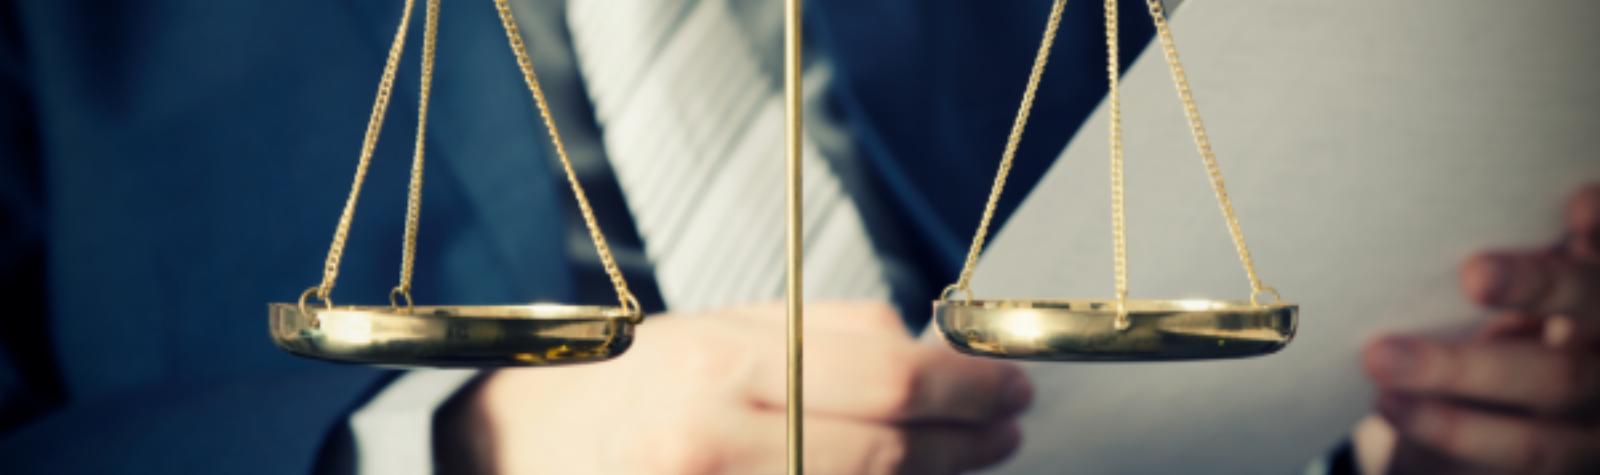 Ασφάλιση αστικής ευθύνης – εργαλείο οικονομικής προστασίας για επιχειρήσεις και πρόσωπα